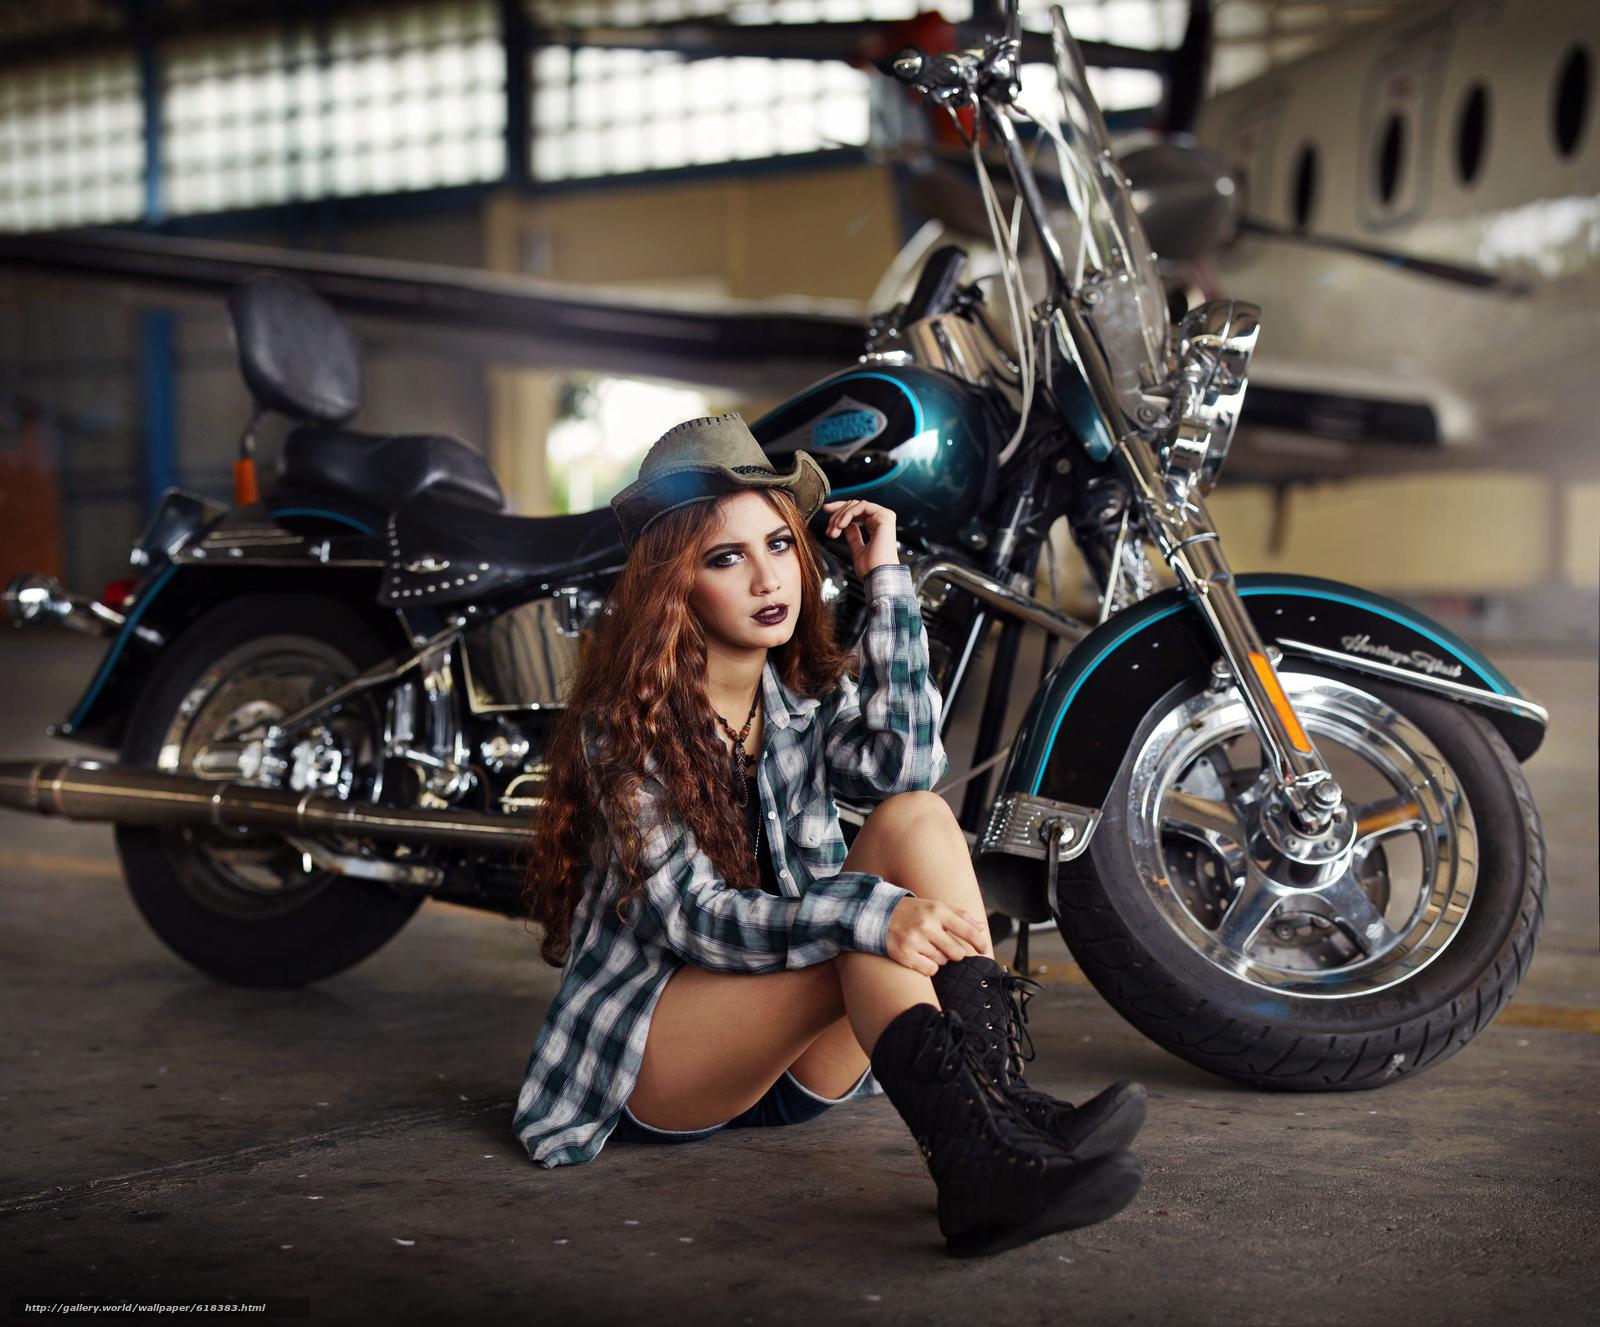 Русские девушки и мотоциклы 17 фотография